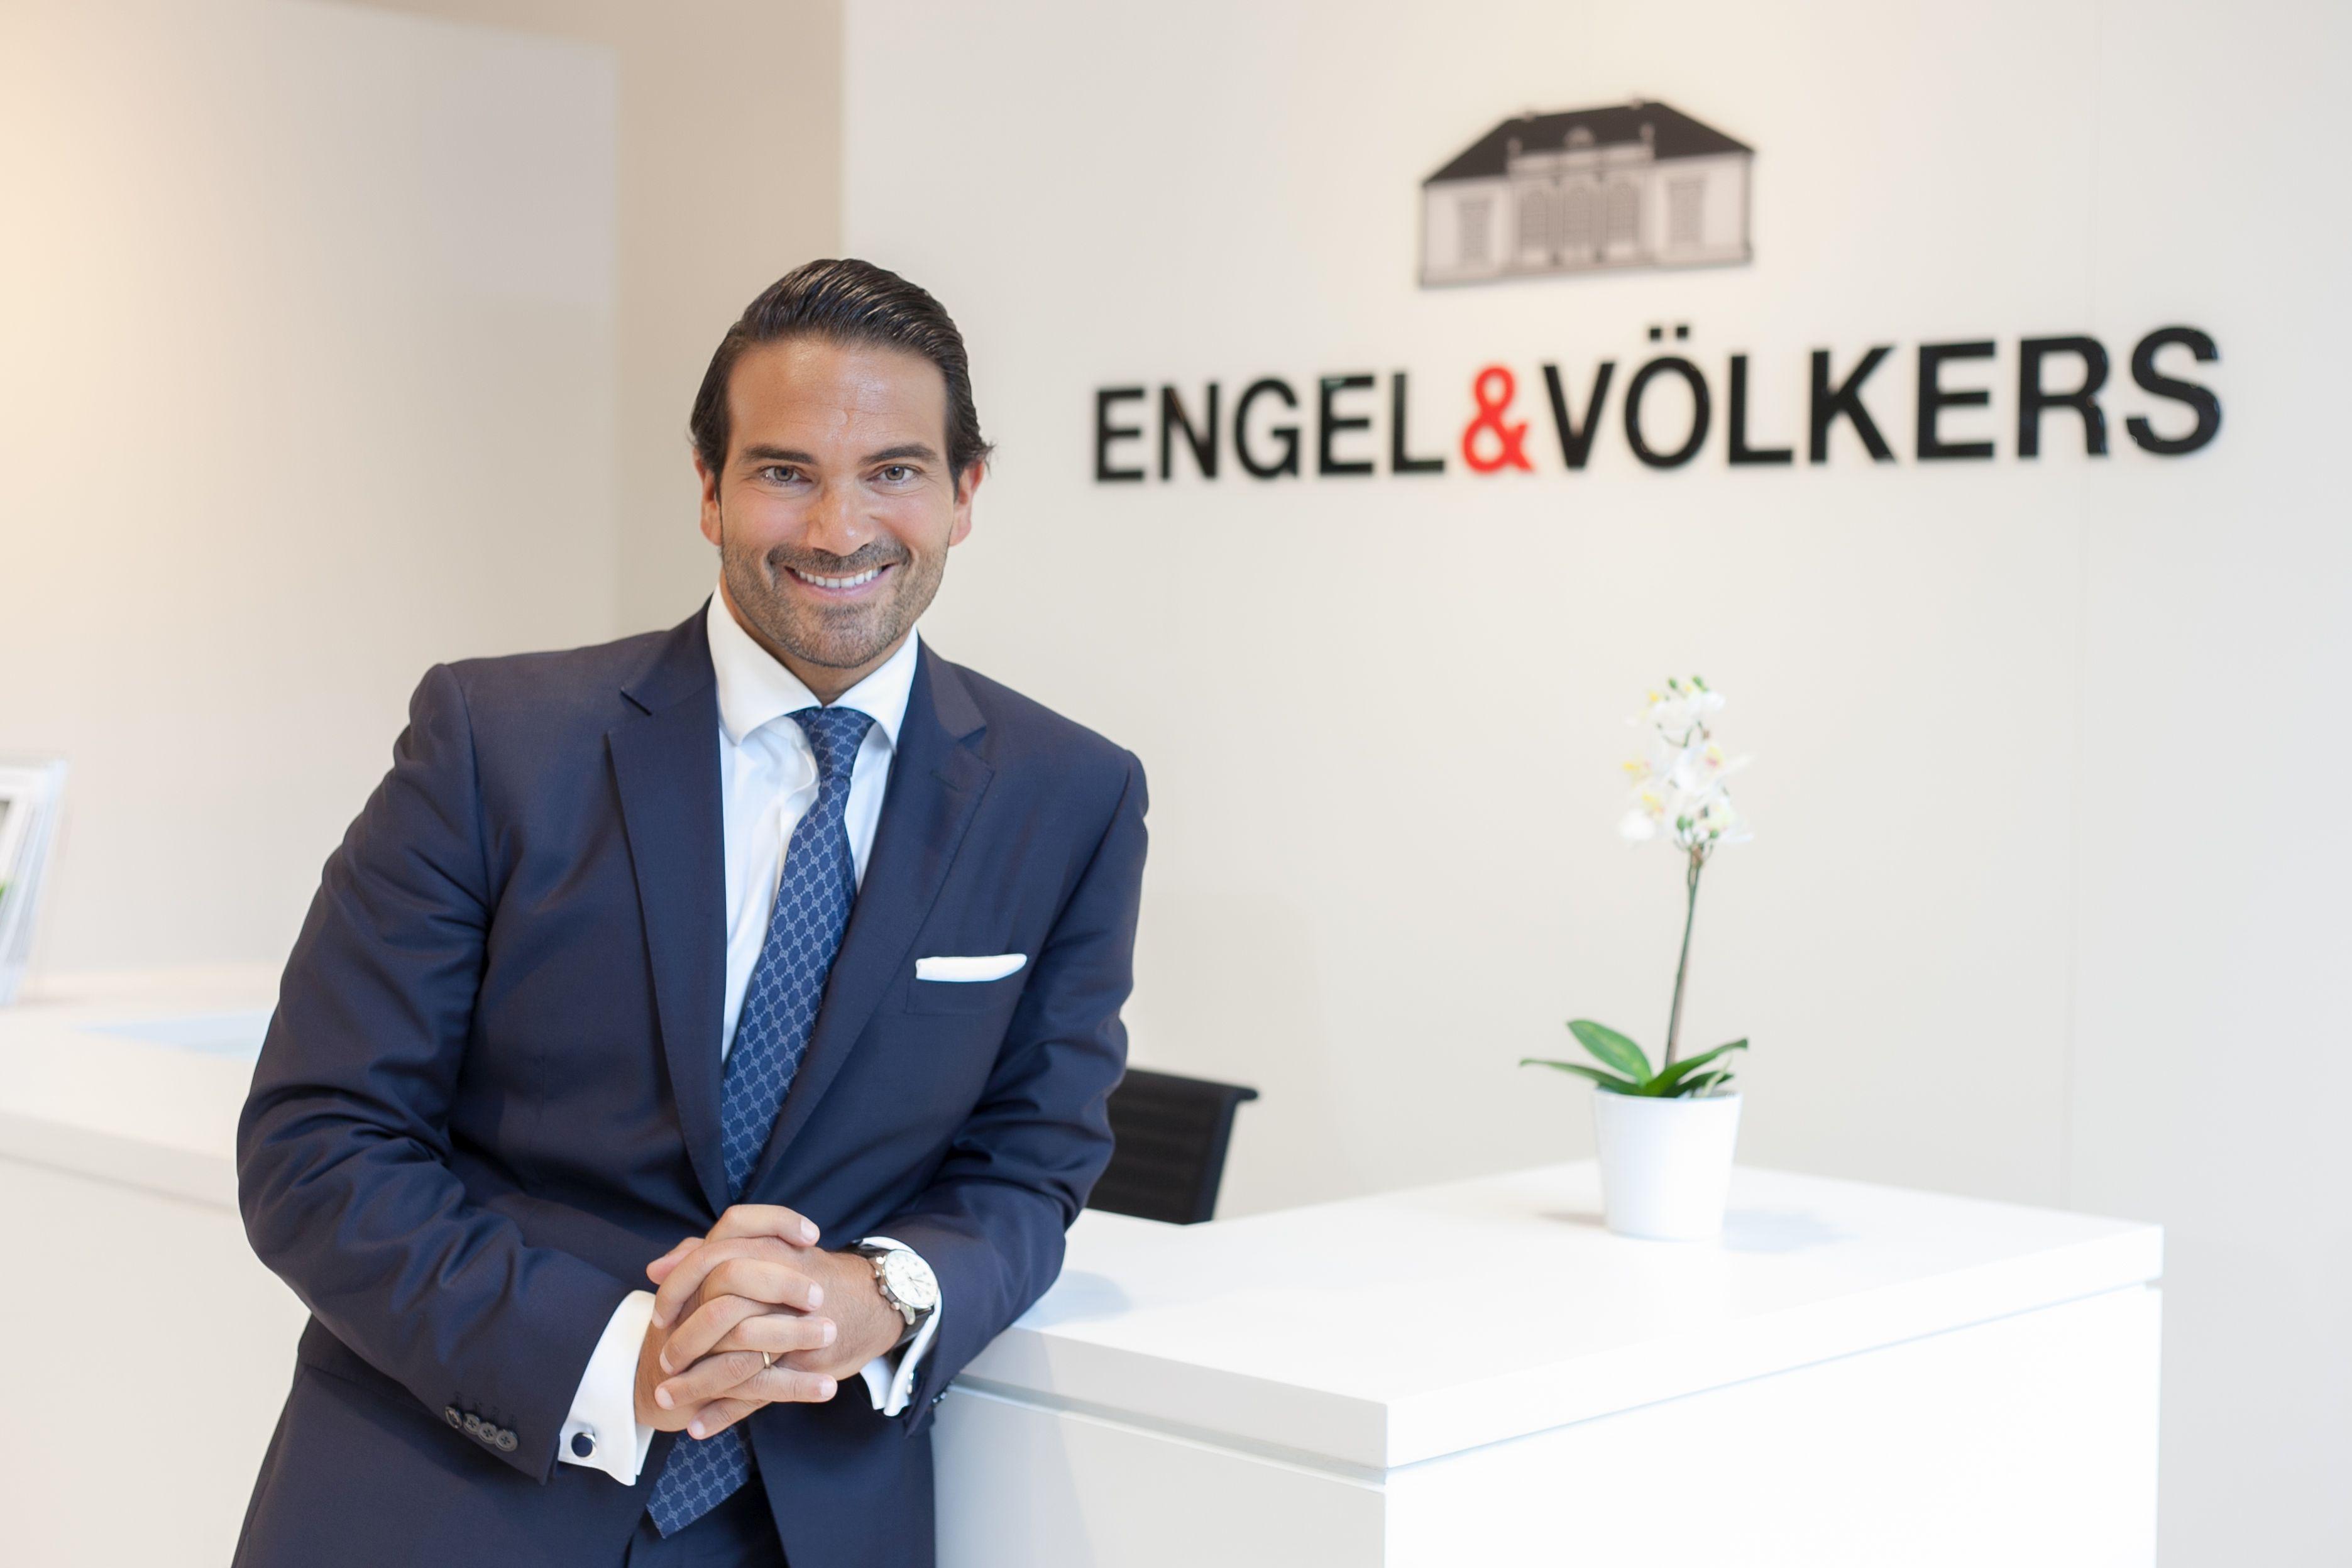 Juan-Galo Macià é o novo diretor geral da Engel & Völkers para Portugal, Espanha, e Andorra.